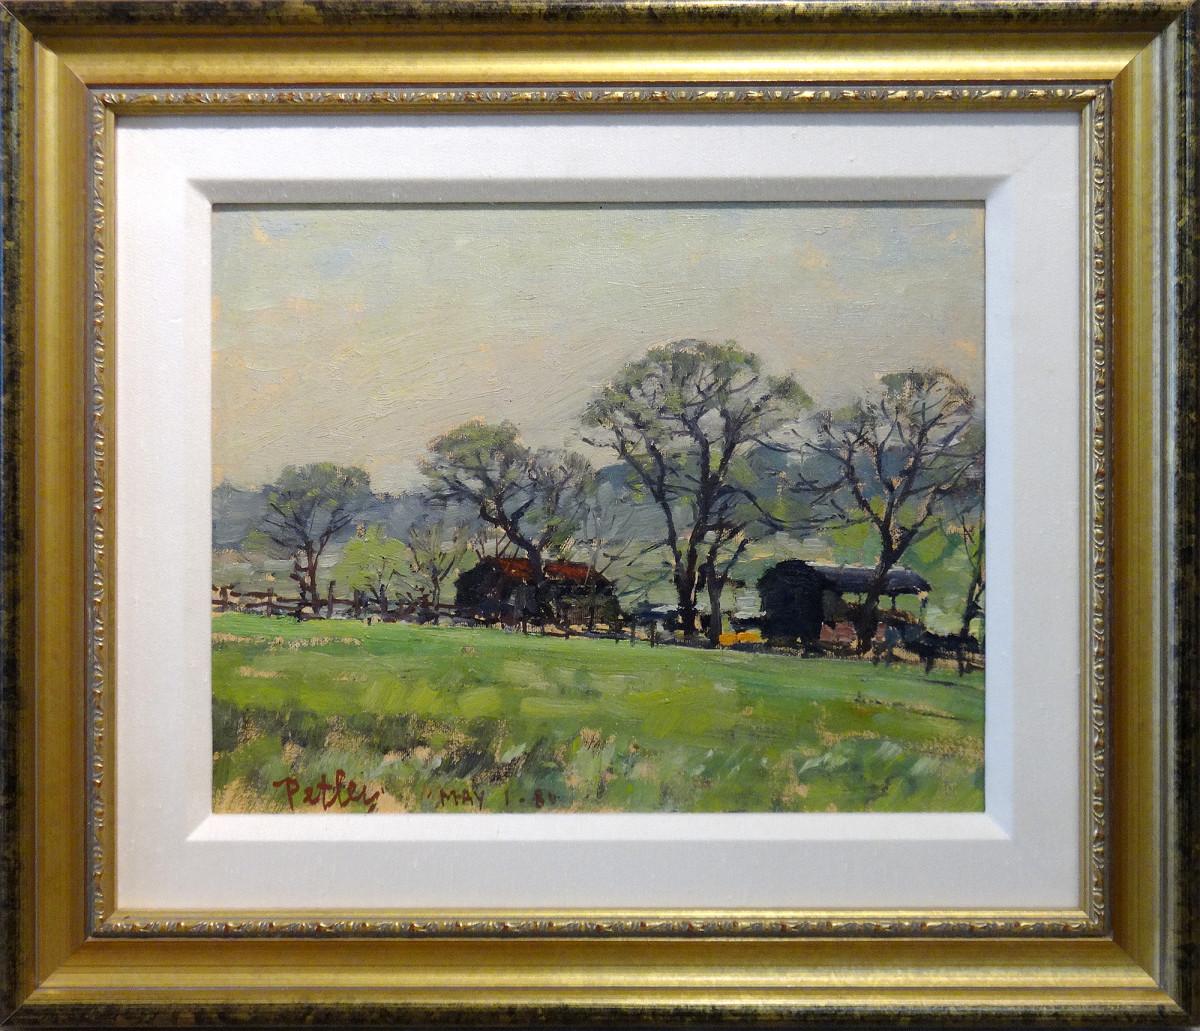 0219 - Farm in Spring, Richmond Surrey by Llewellyn Petley-Jones (1908-1986)